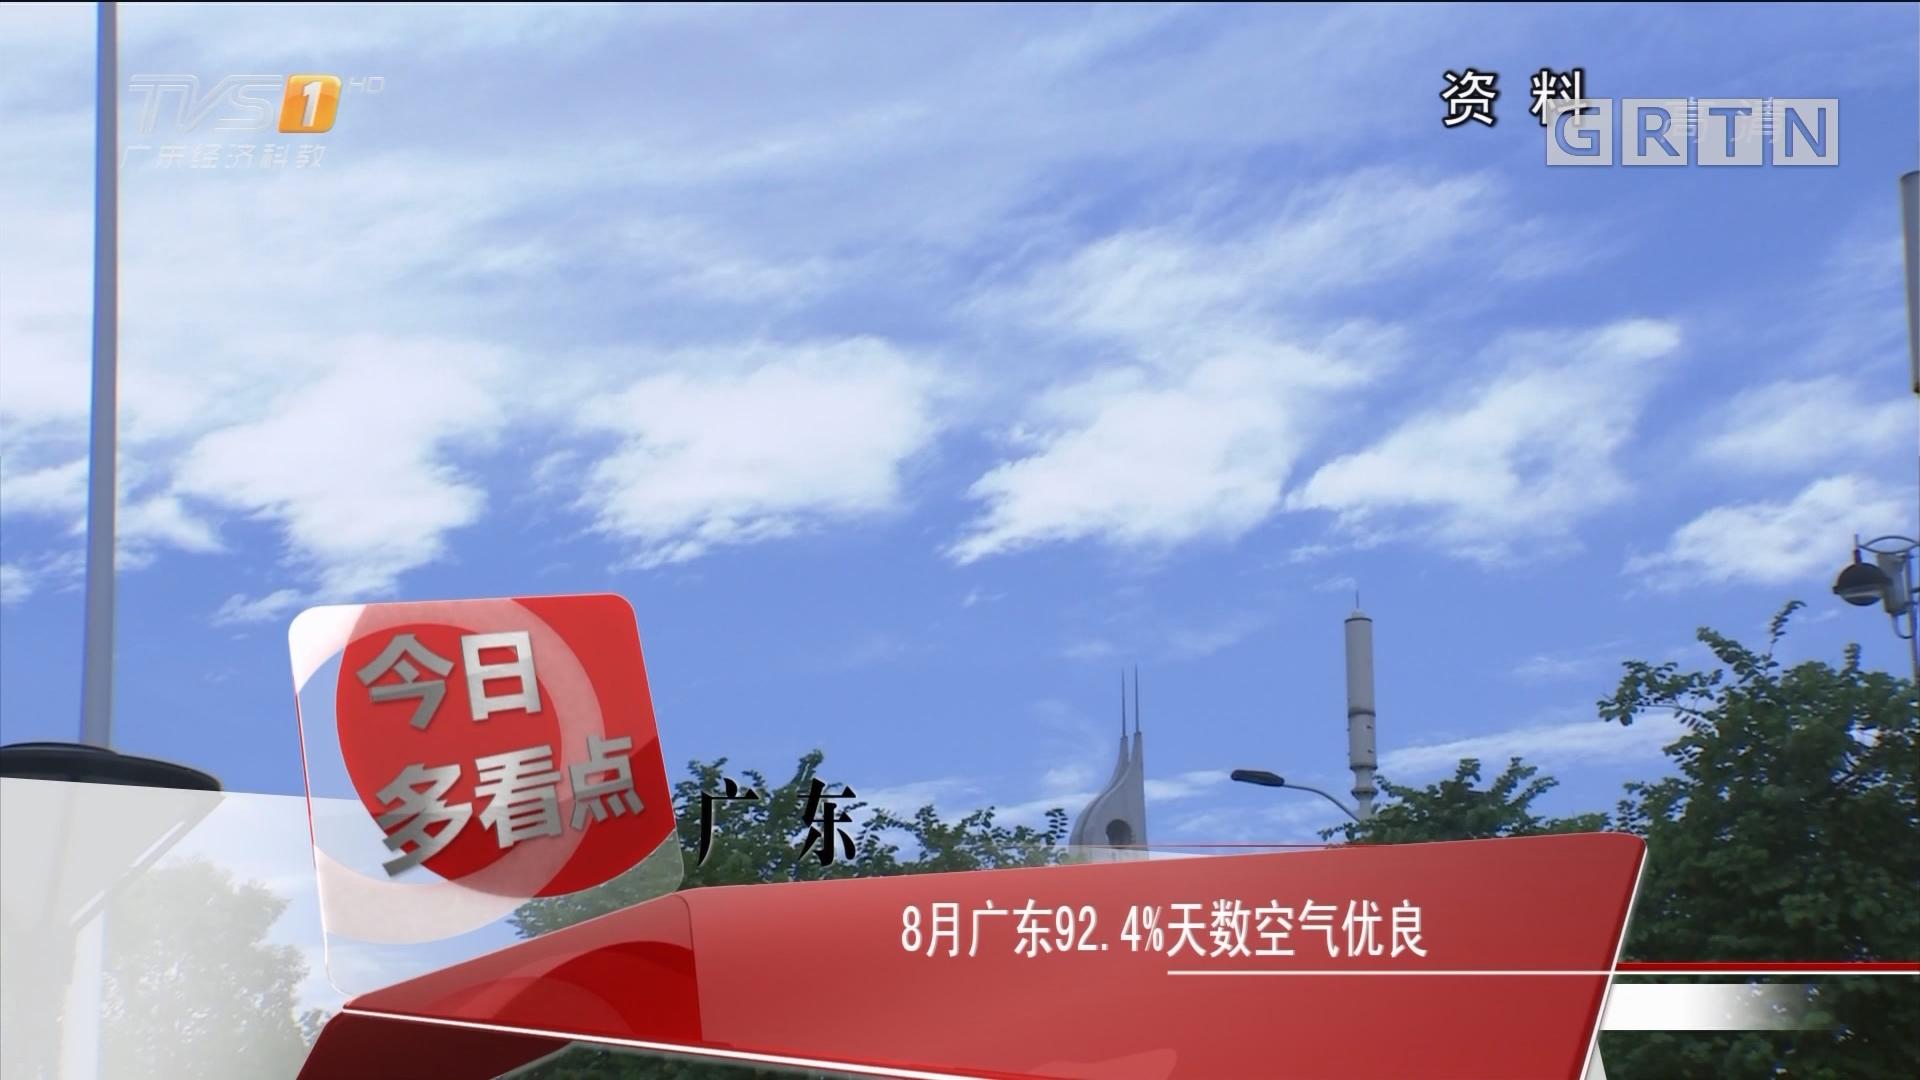 广州:8月广东92.4%天数空气优良